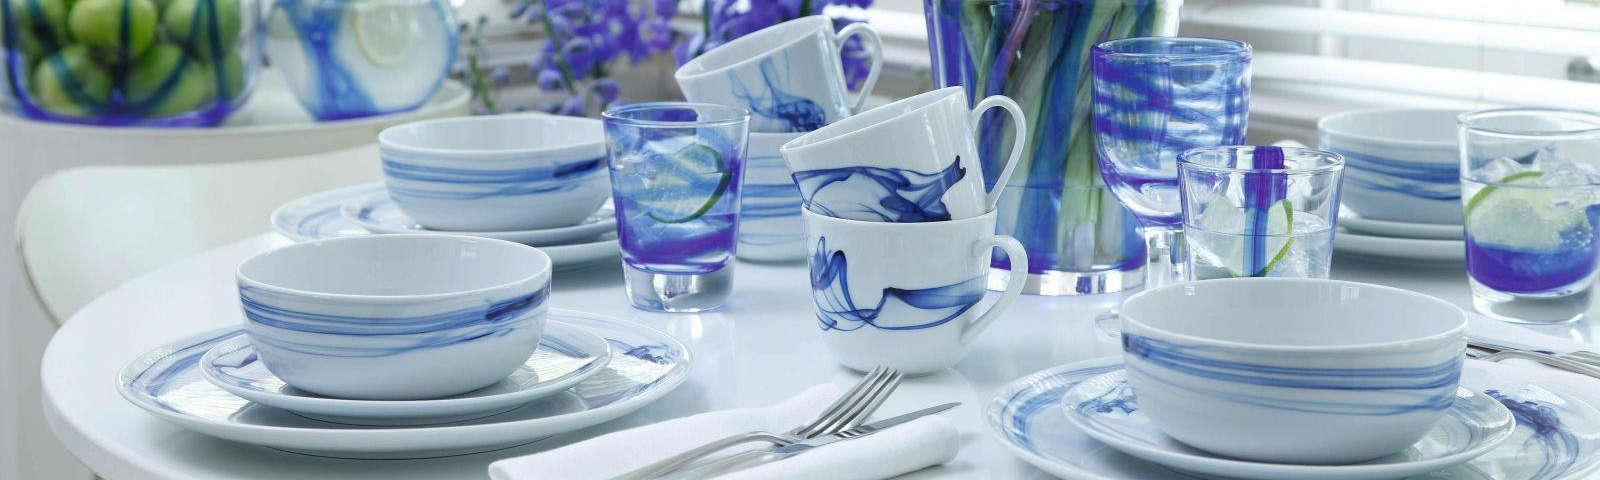 Как выбрать столовую посуду правильно?